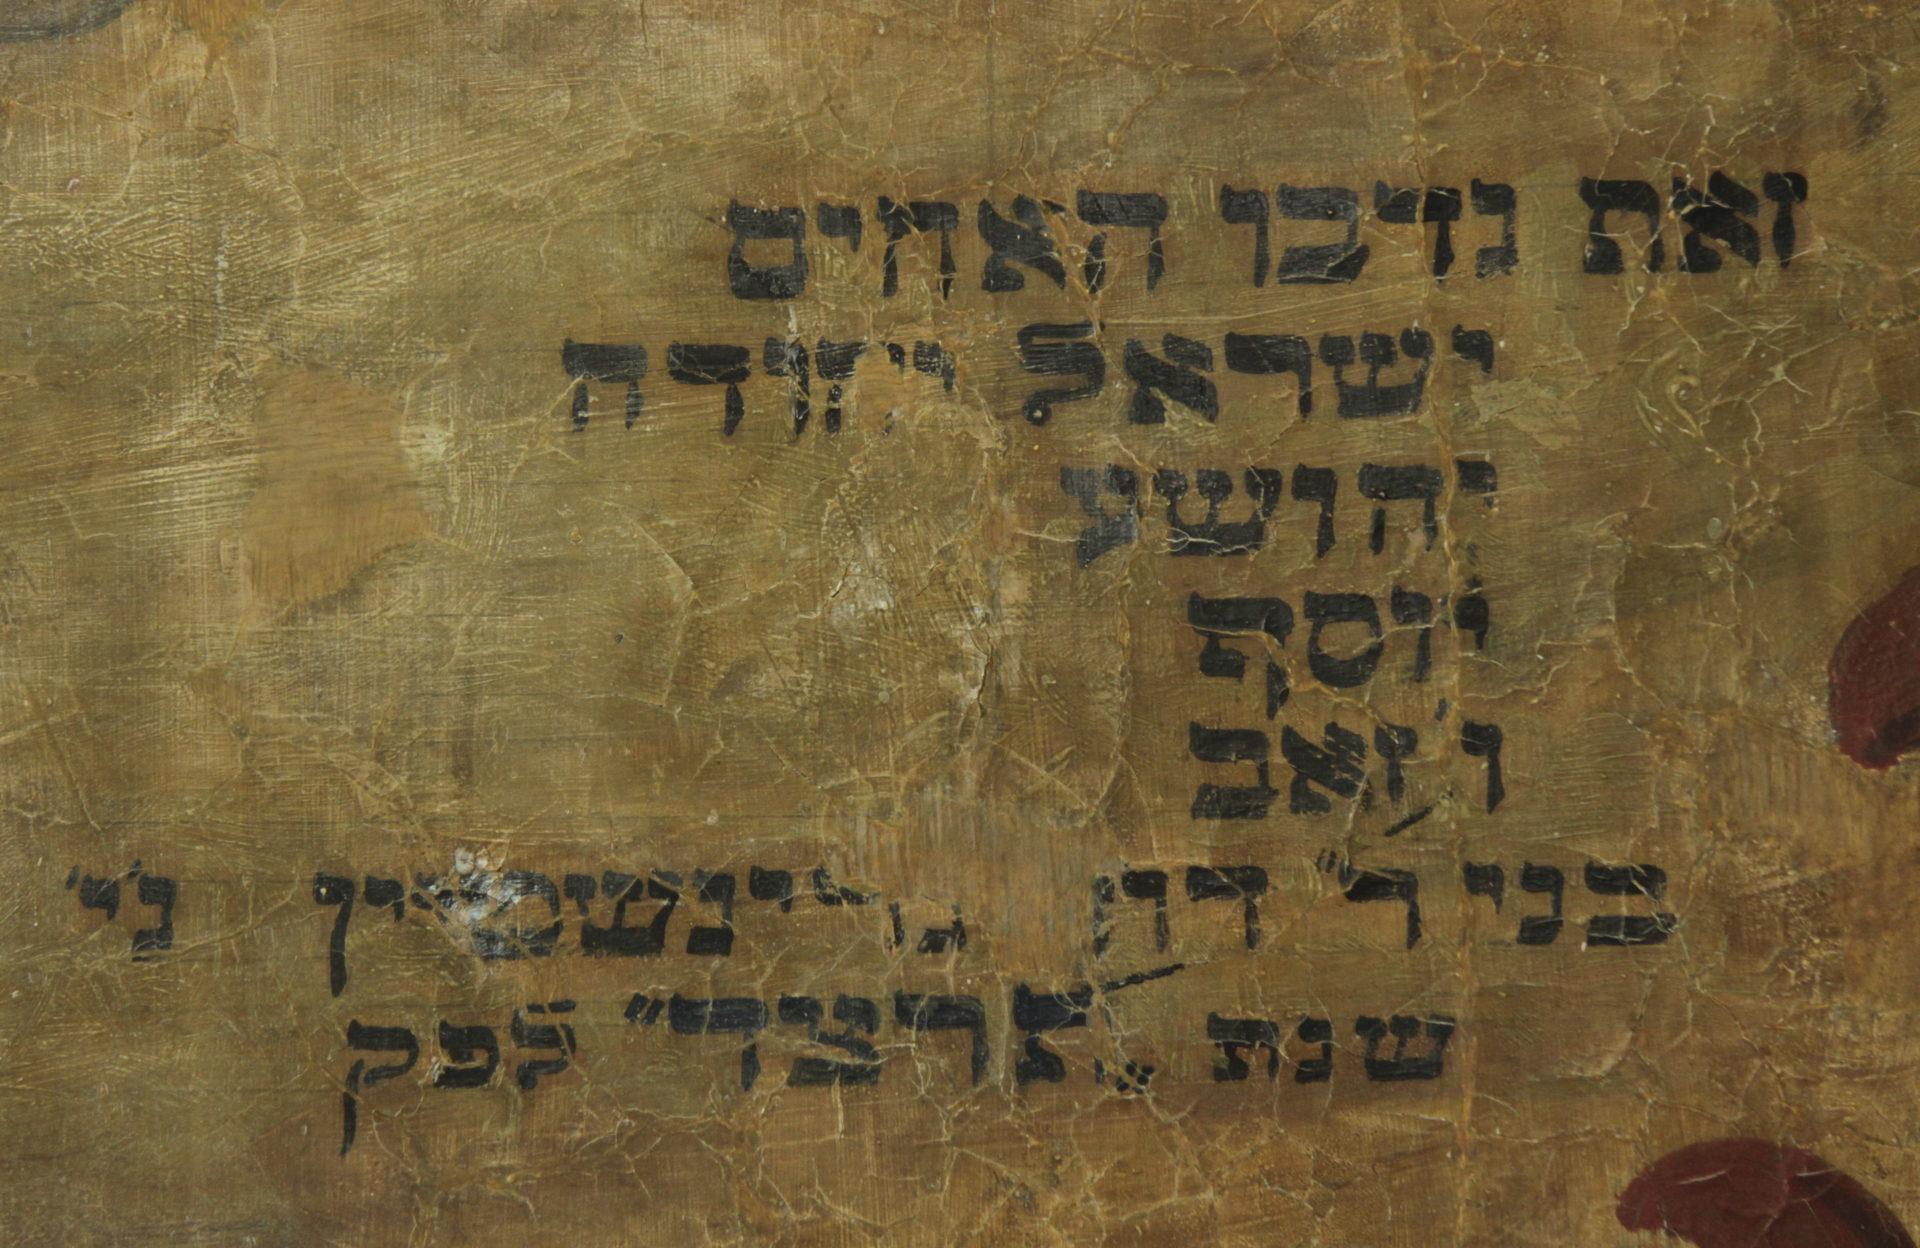 litery hebrajskie wypisane naścianie